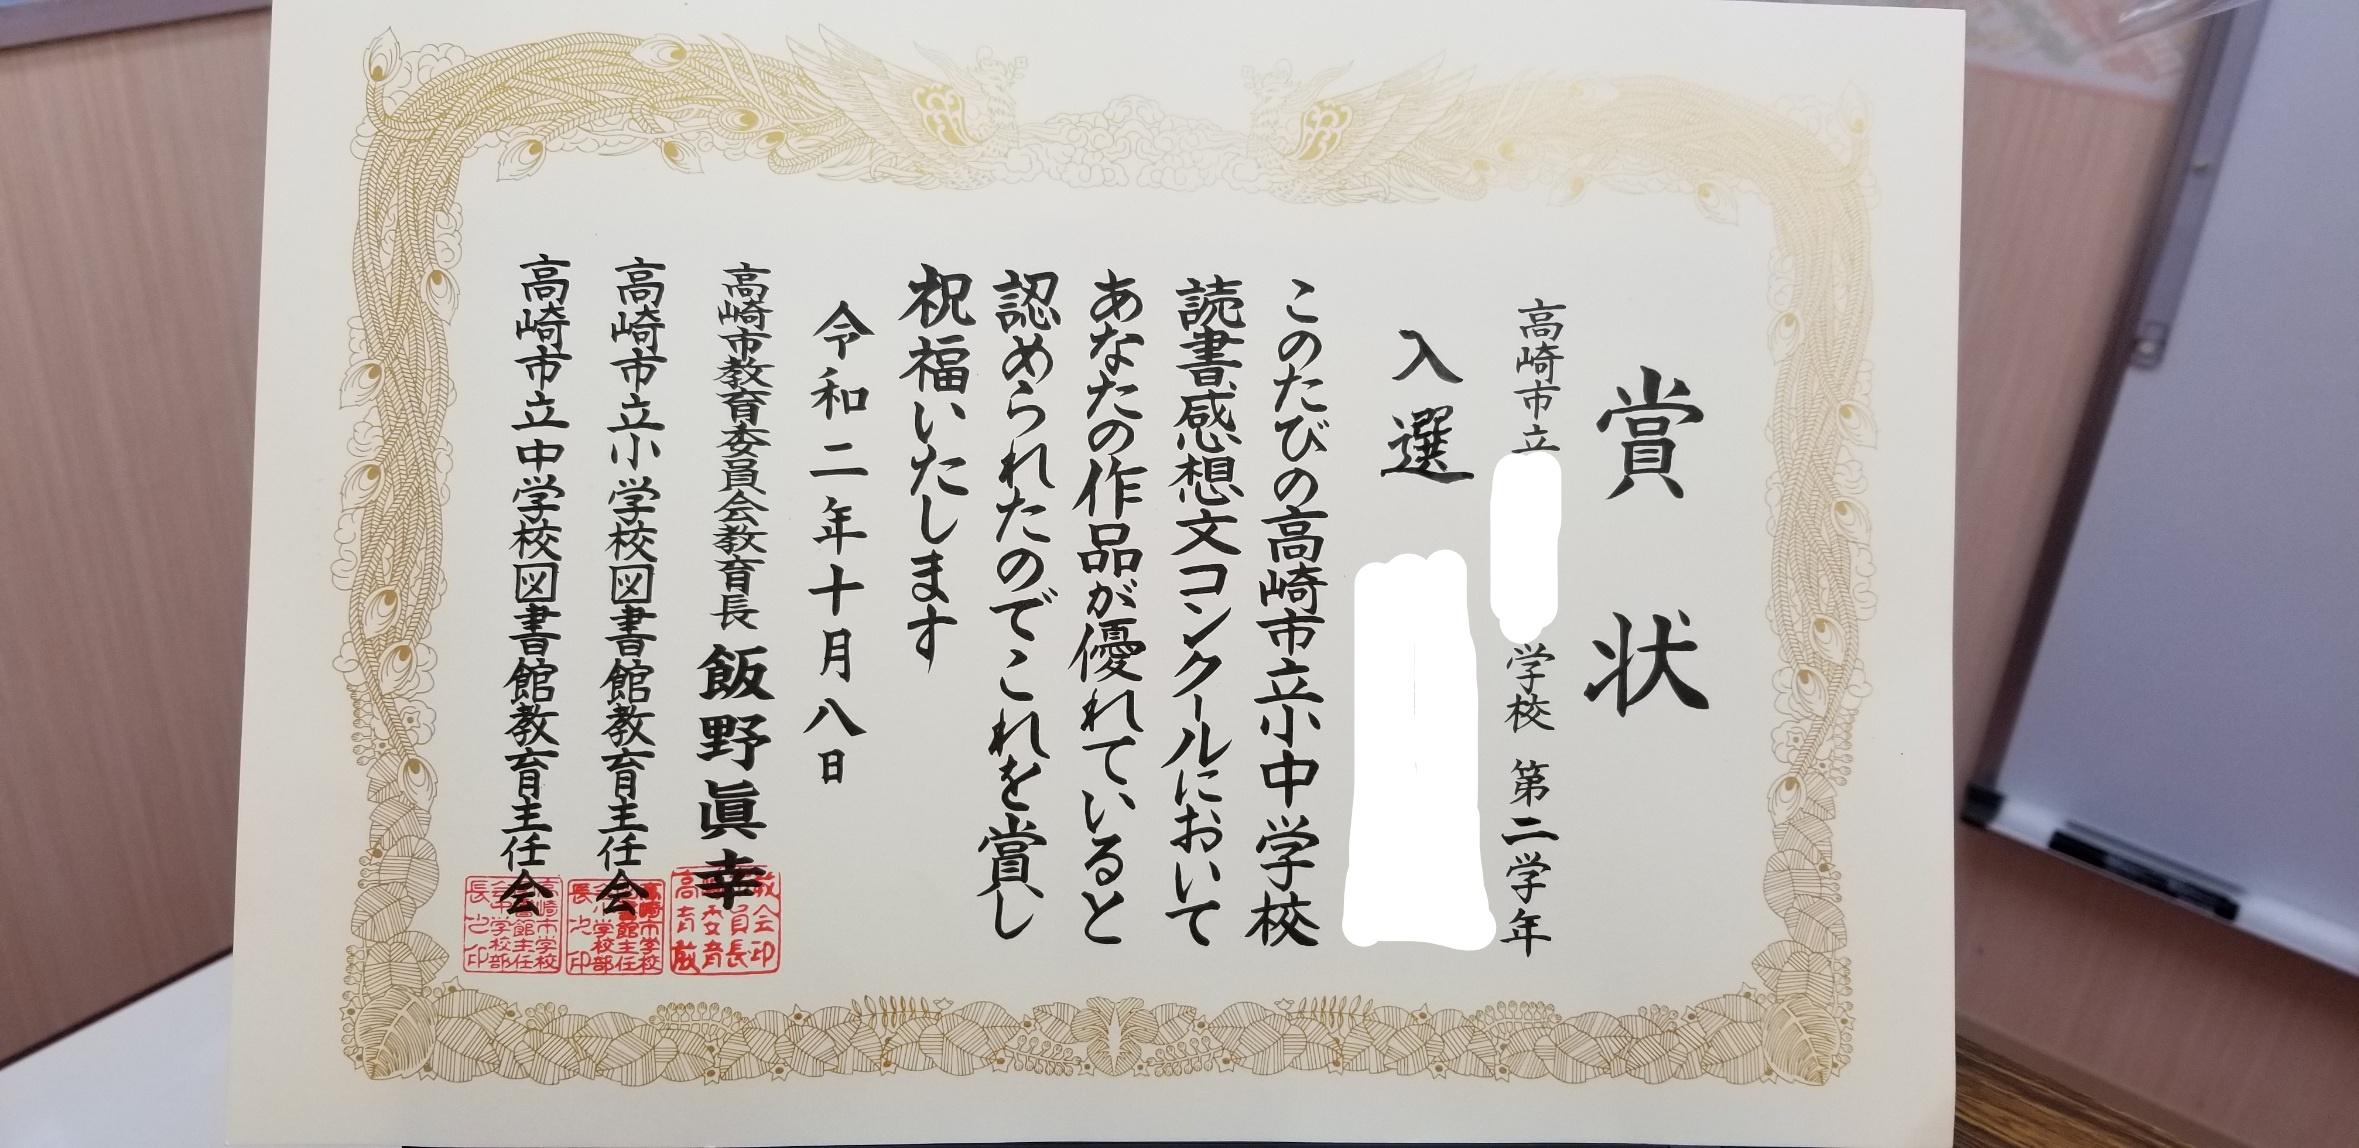 読書感想文入賞おめでとうございます!